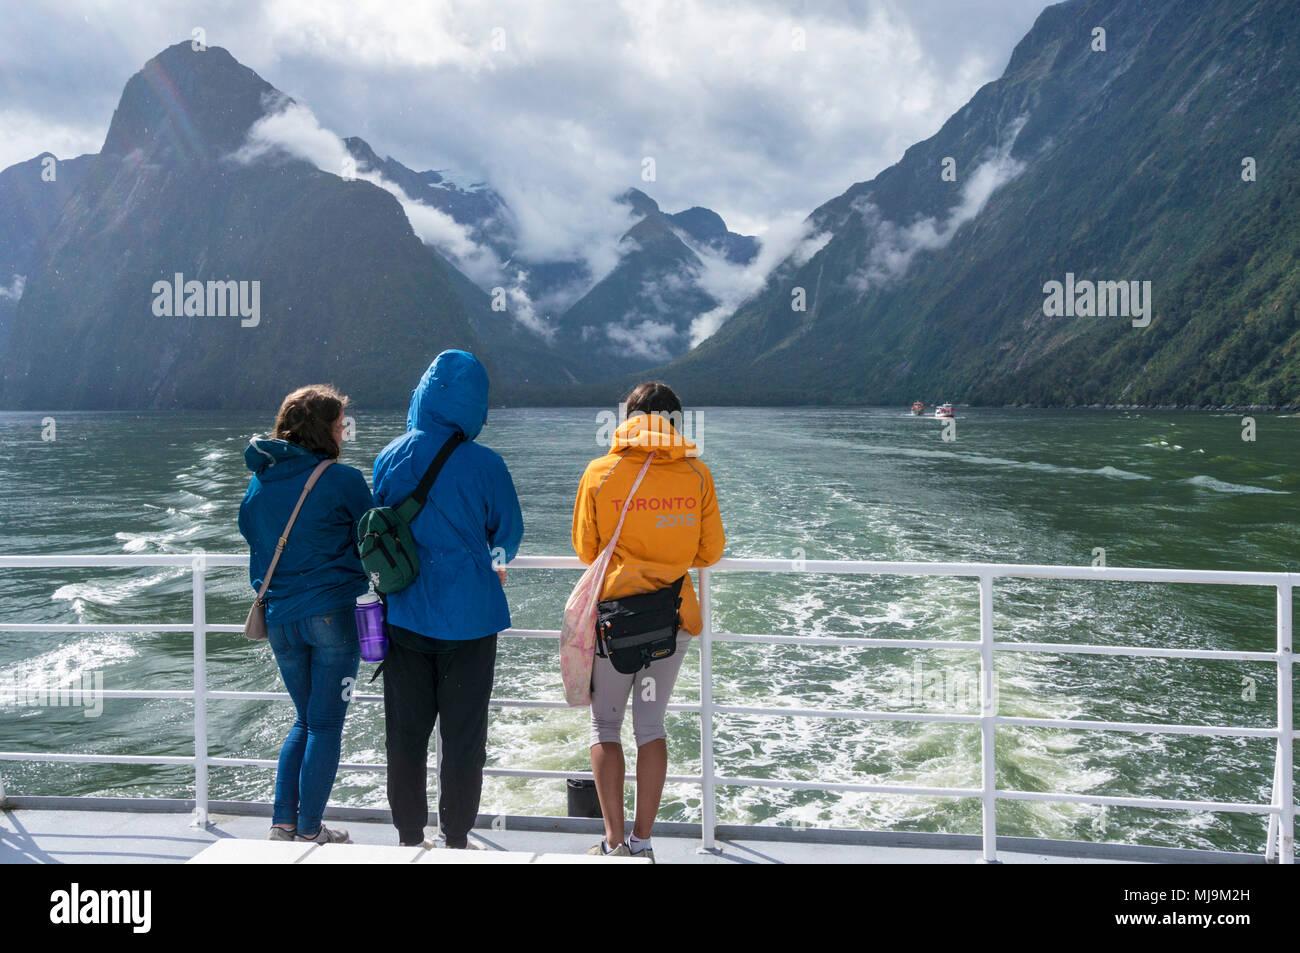 Nouvelle-zélande Milford Sound Milford Sound trois amis se tenait à la proue d'un bateau d'excursion qui reviennent d'un voyage en bateau sur le Milford Sound Île du Sud Photo Stock